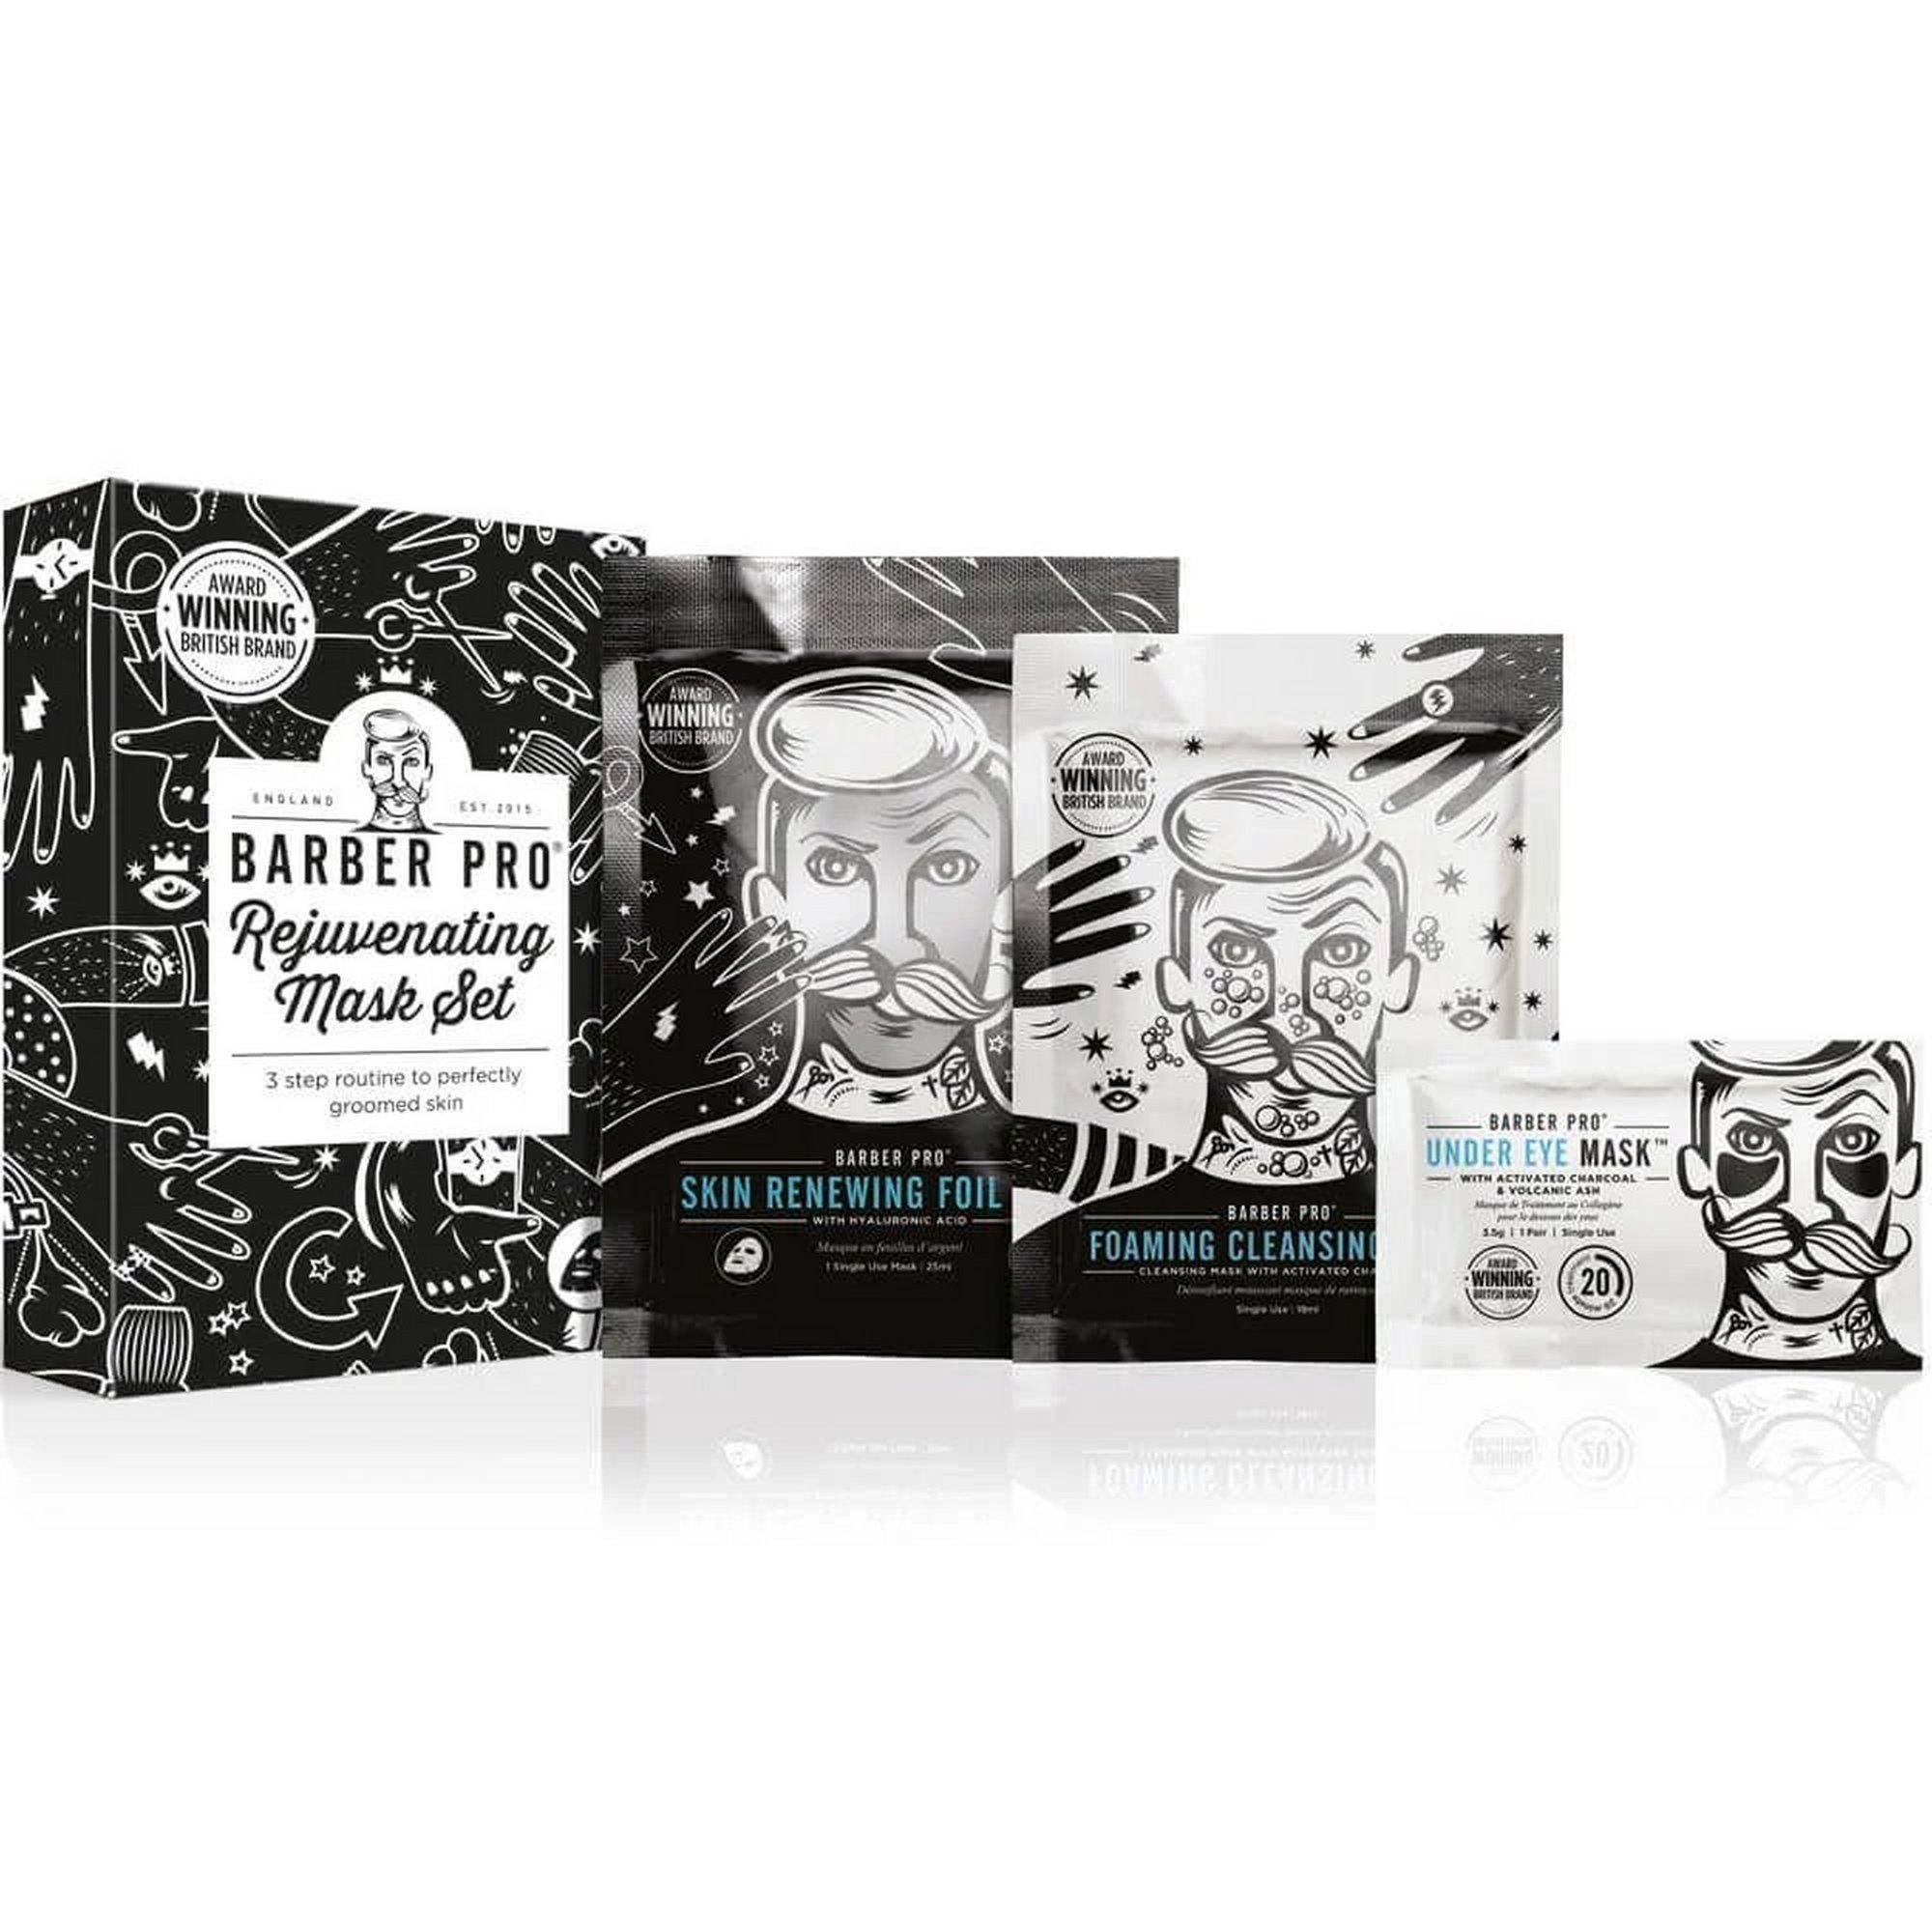 Image of Barber Pro Rejuvenating Mens Face Mask Set